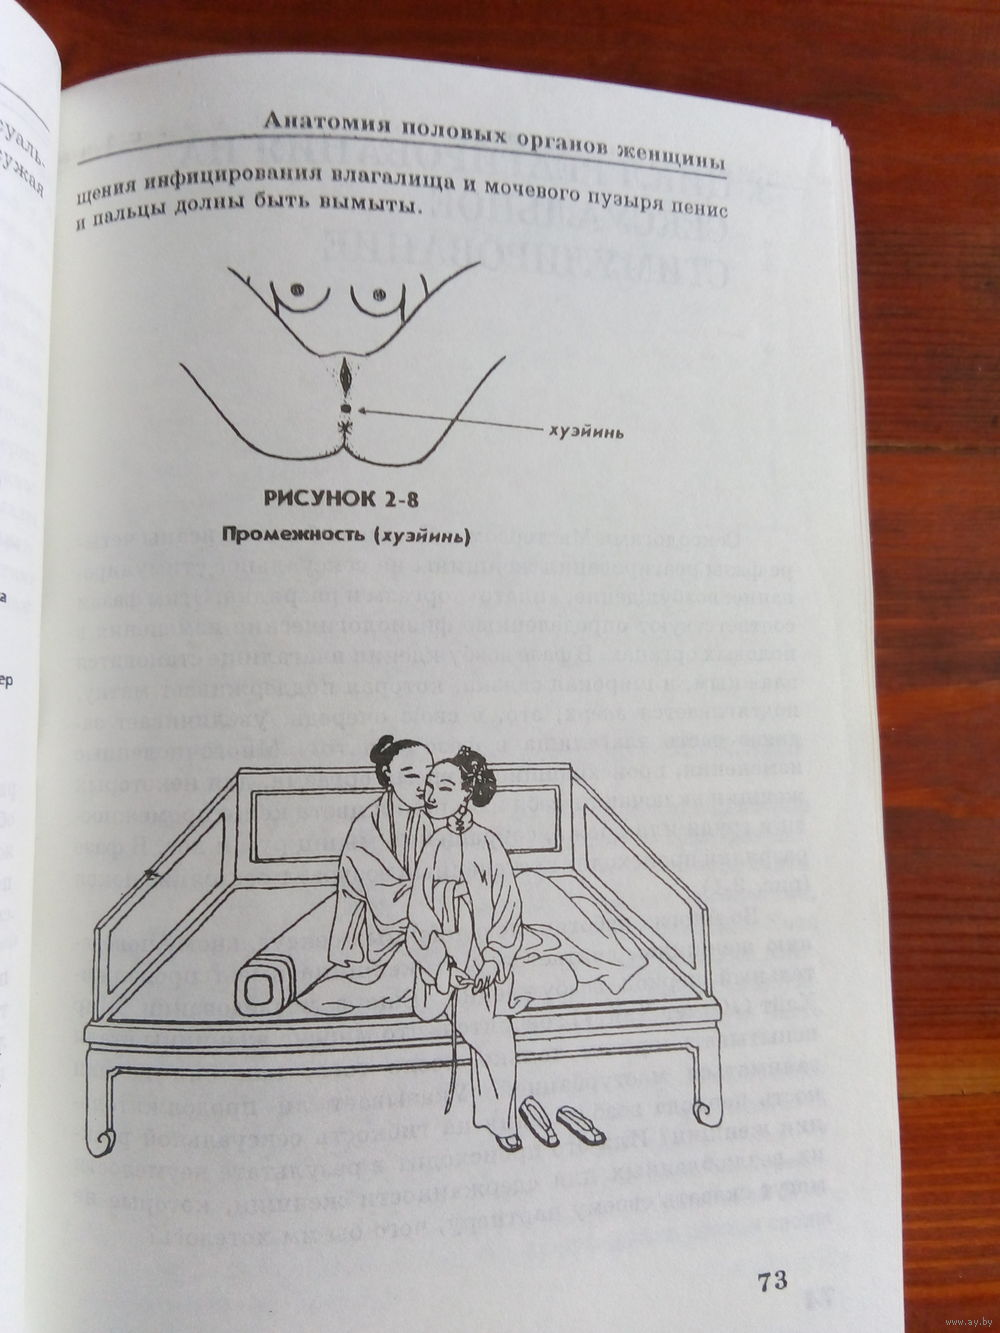 Сохранить и приумножить сексуальную энергию